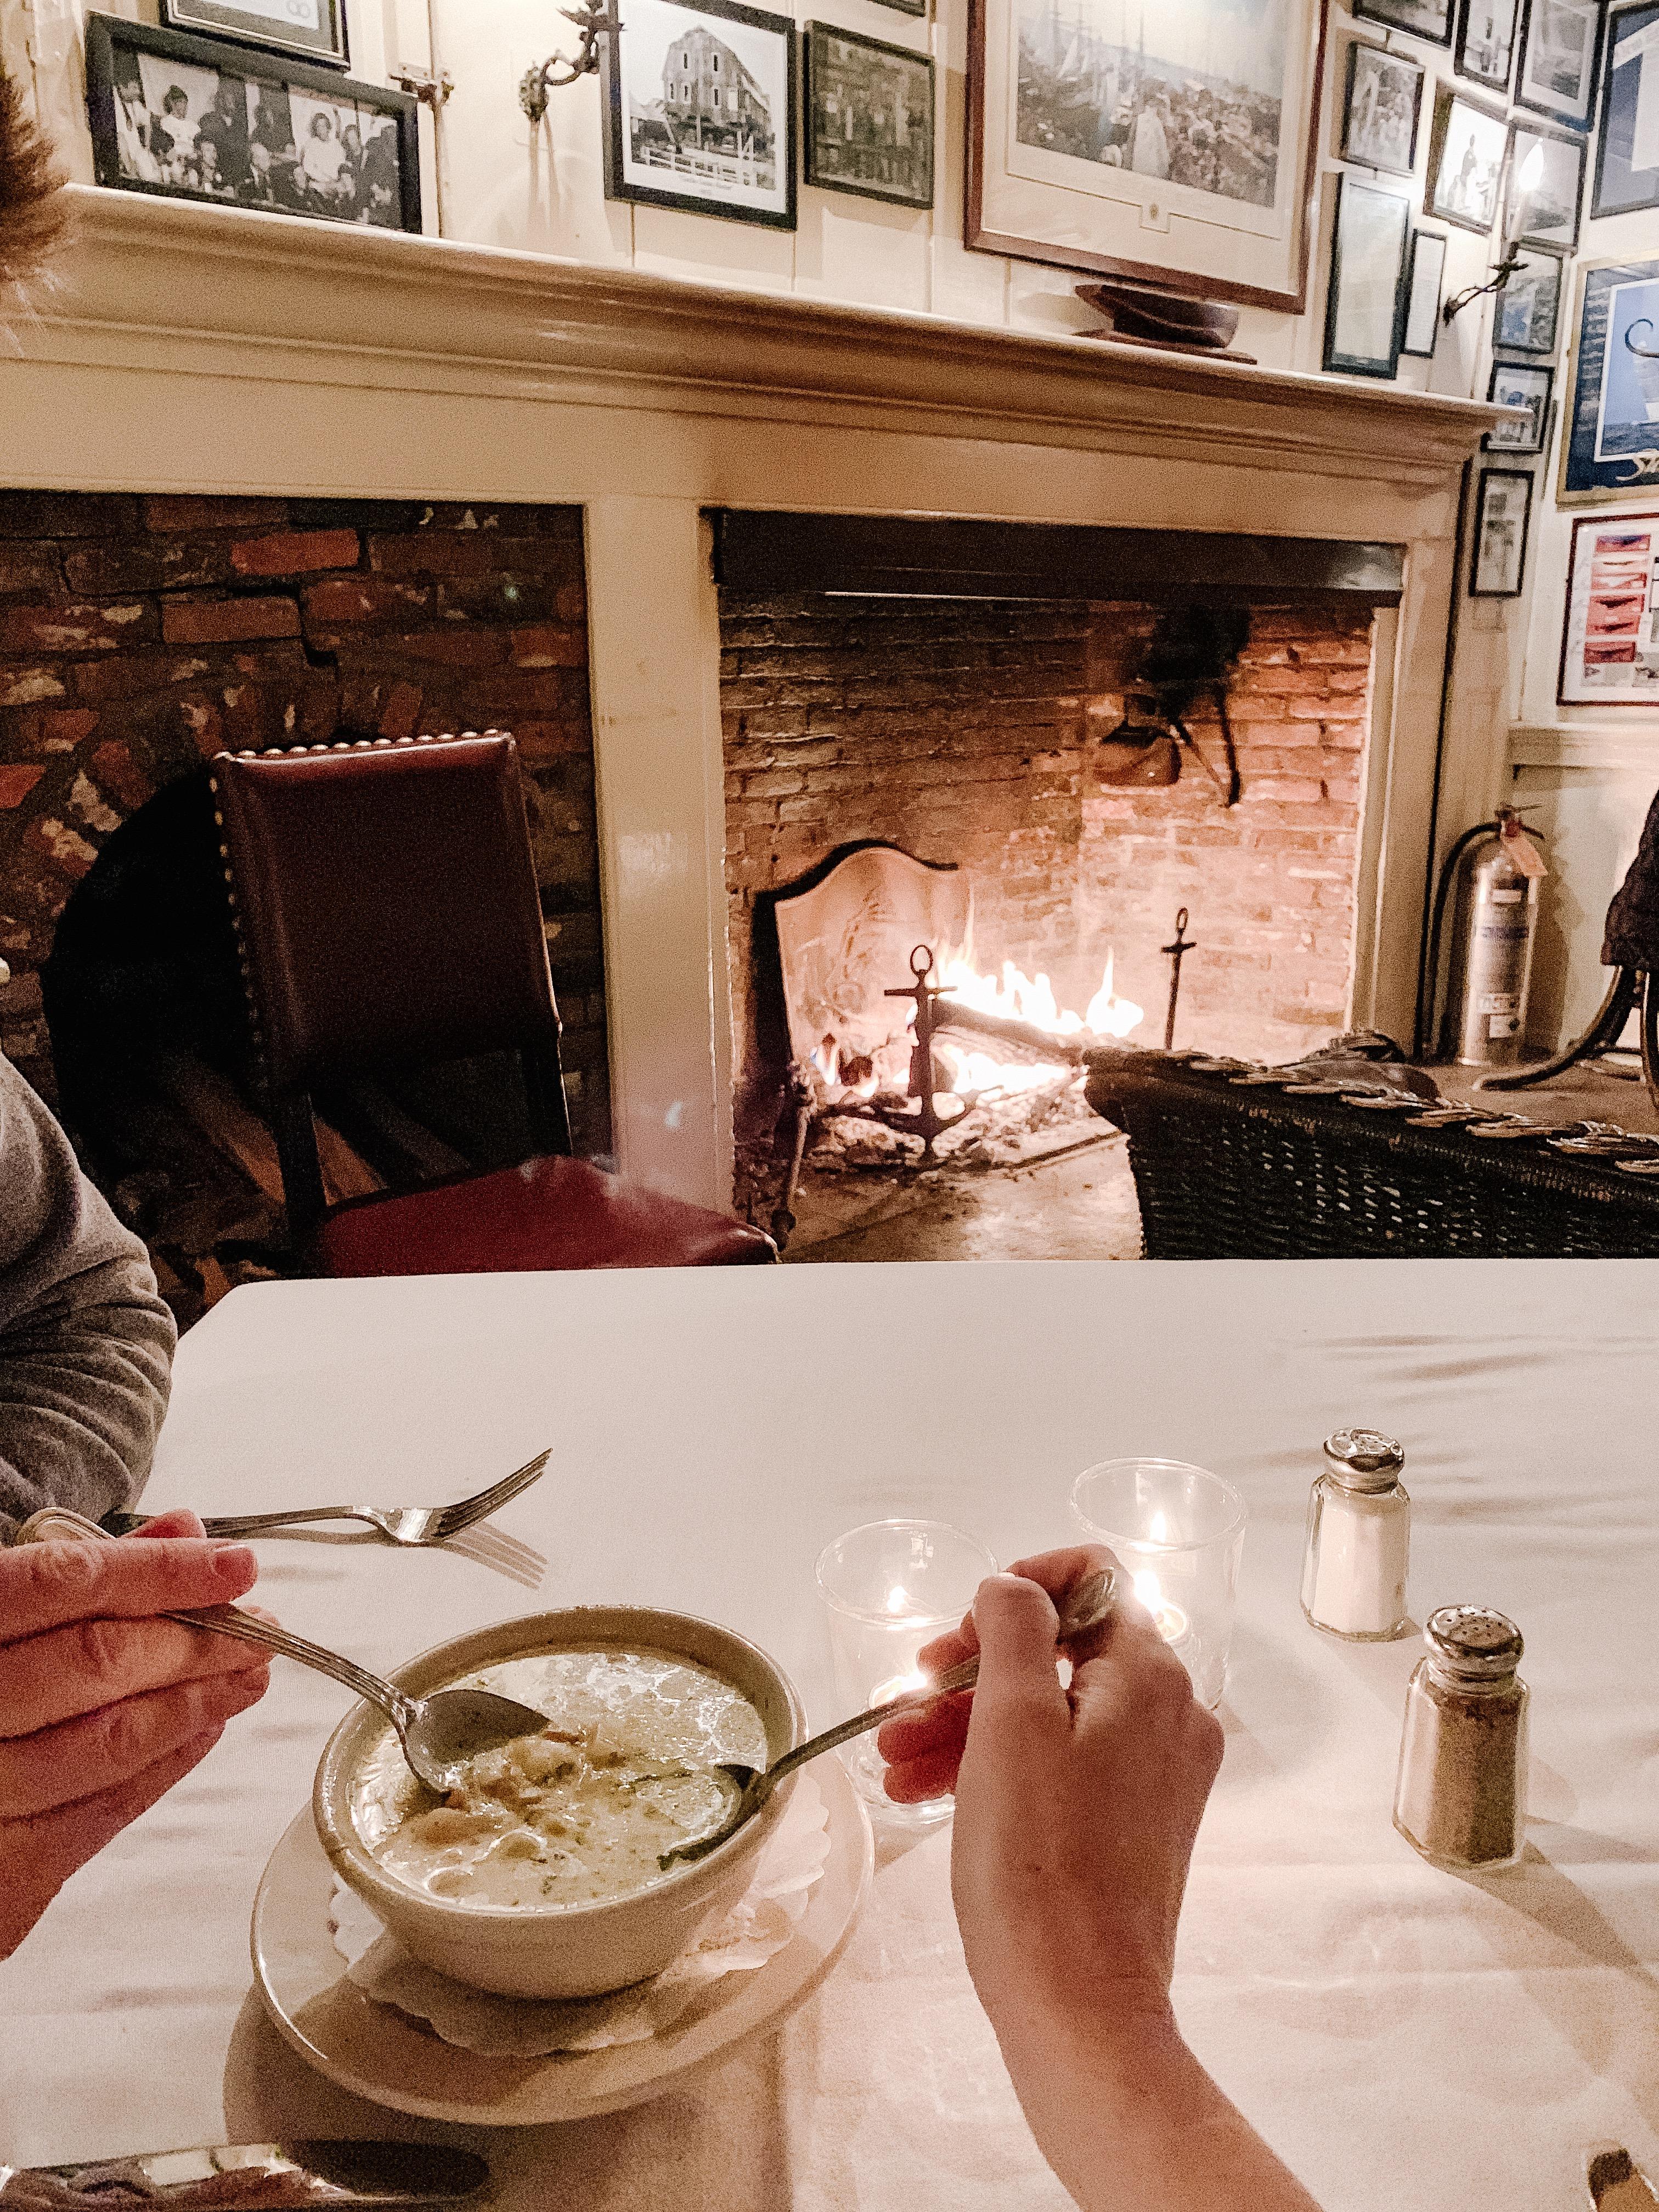 Day 1 in Newport, Rhode Island - Clam chowder